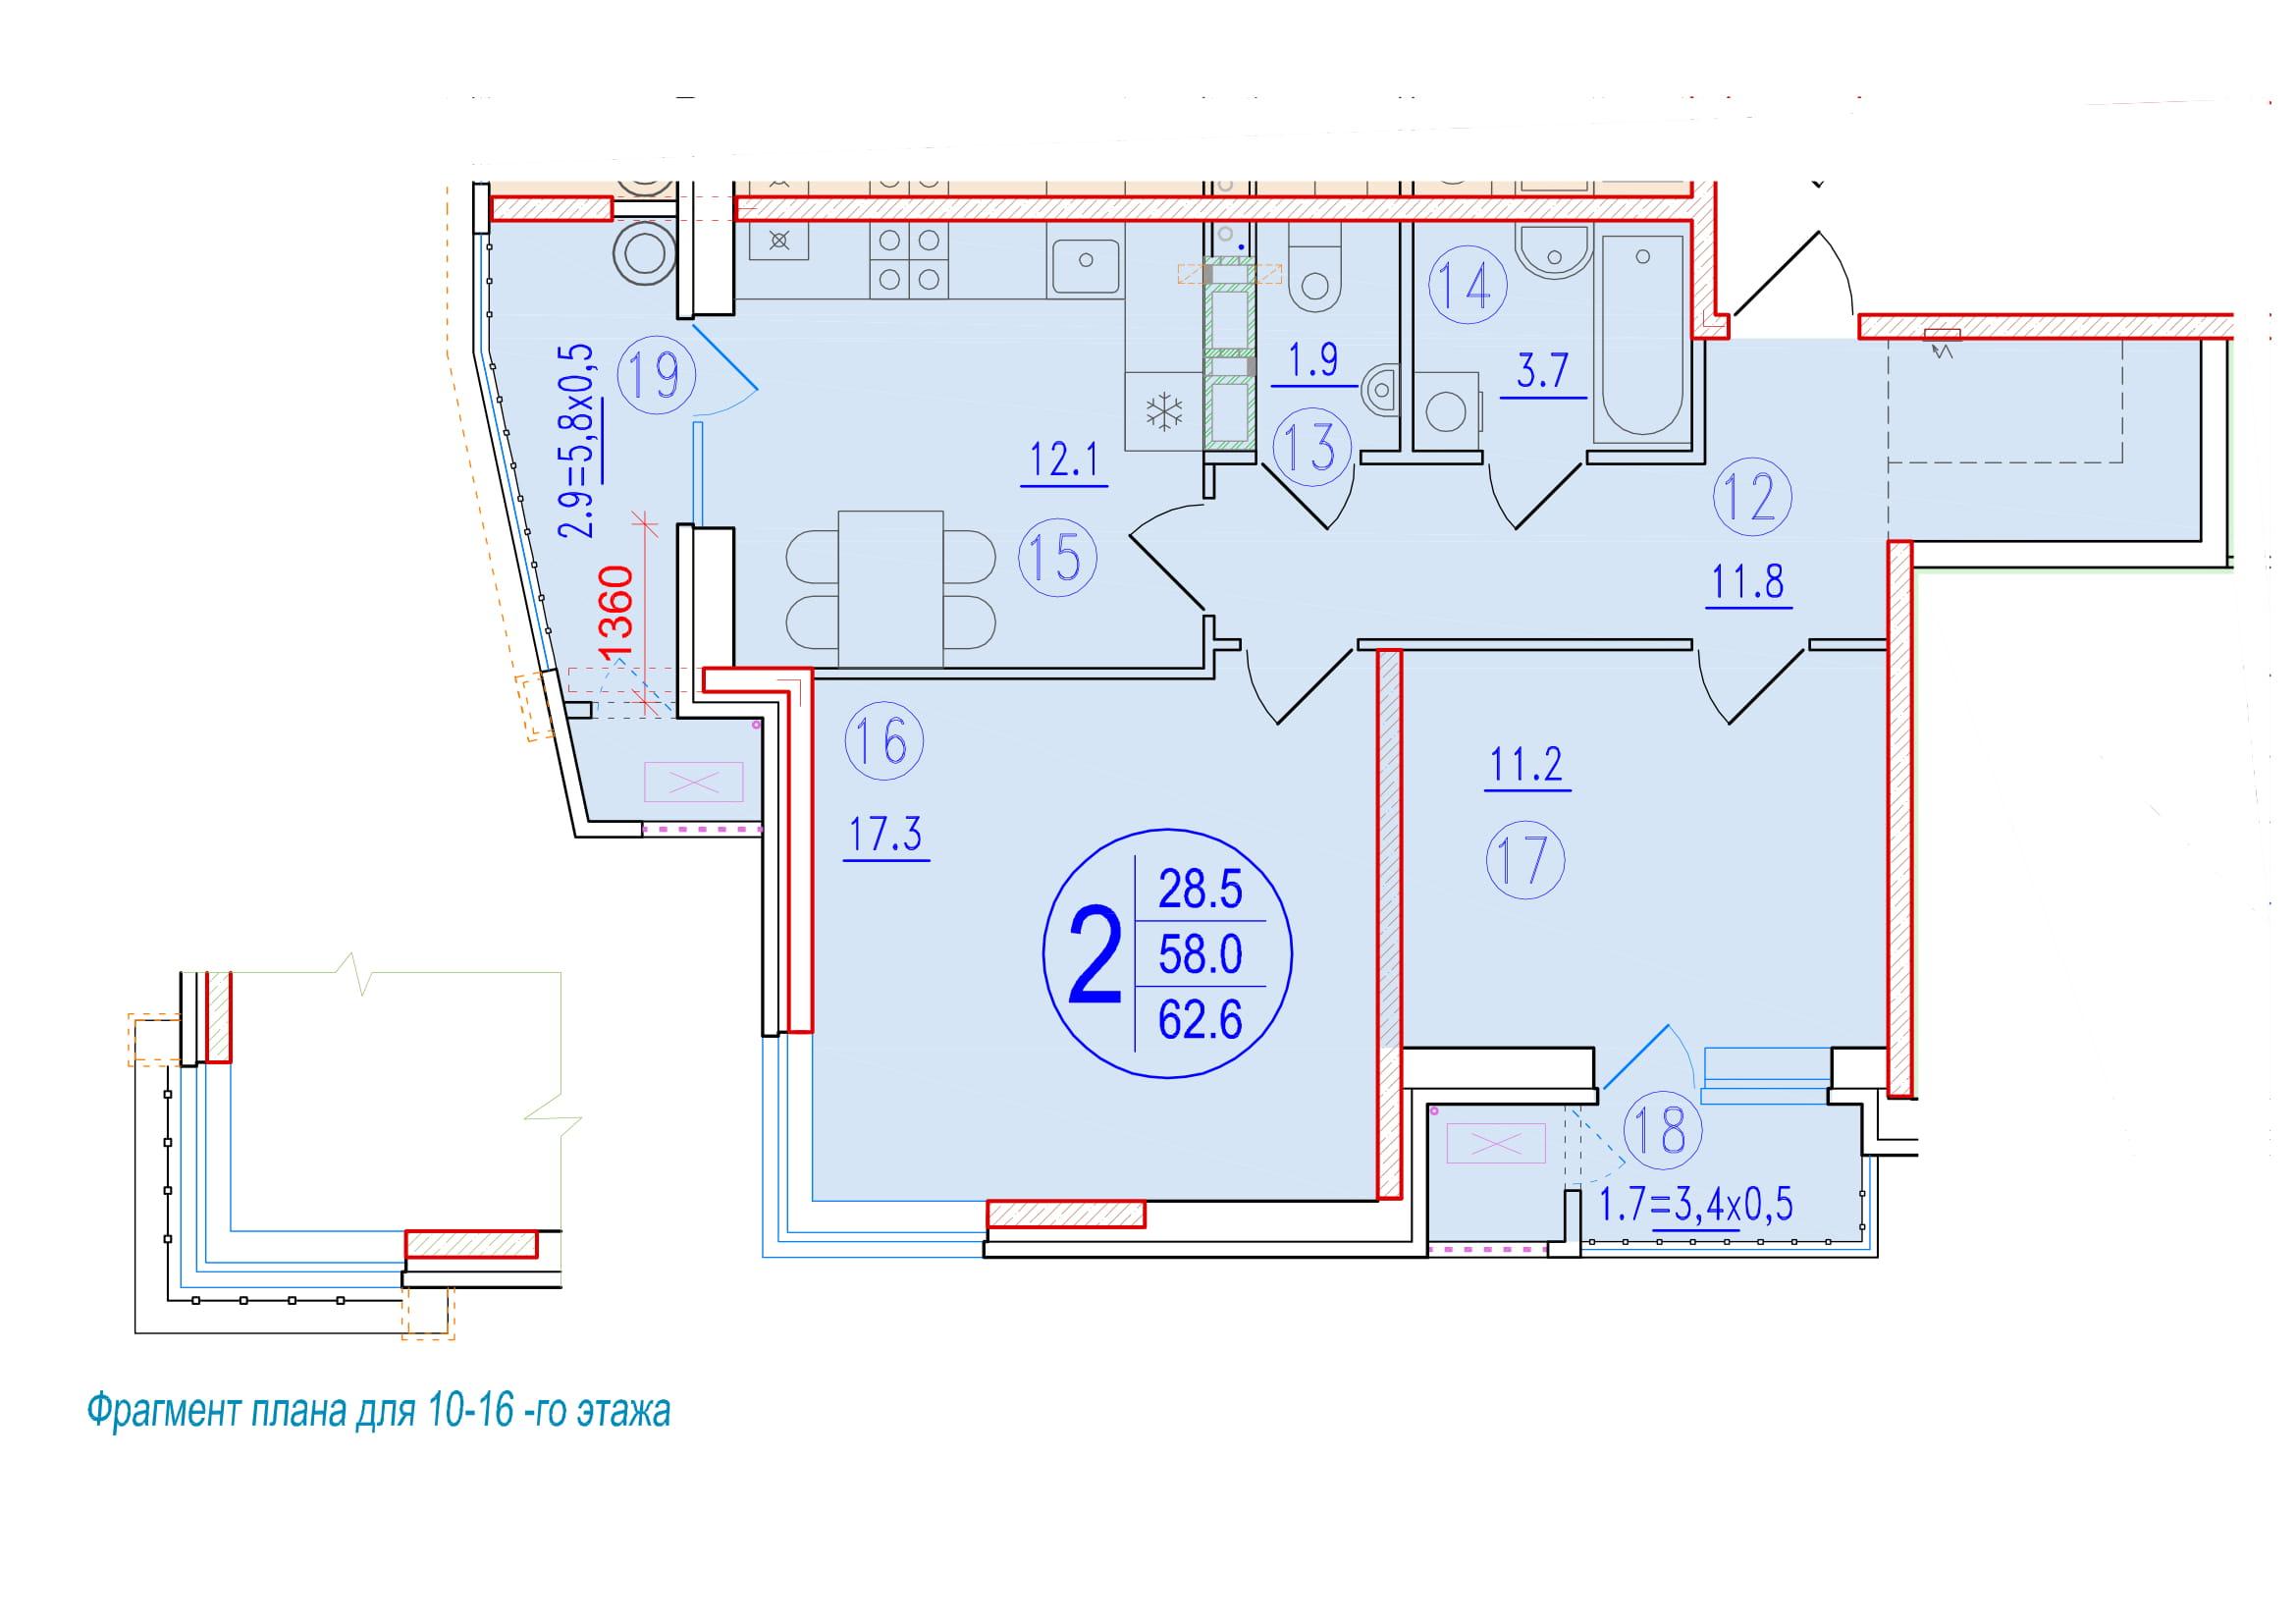 2-комнатная 62.6<span>м<sup>2</sup></span>